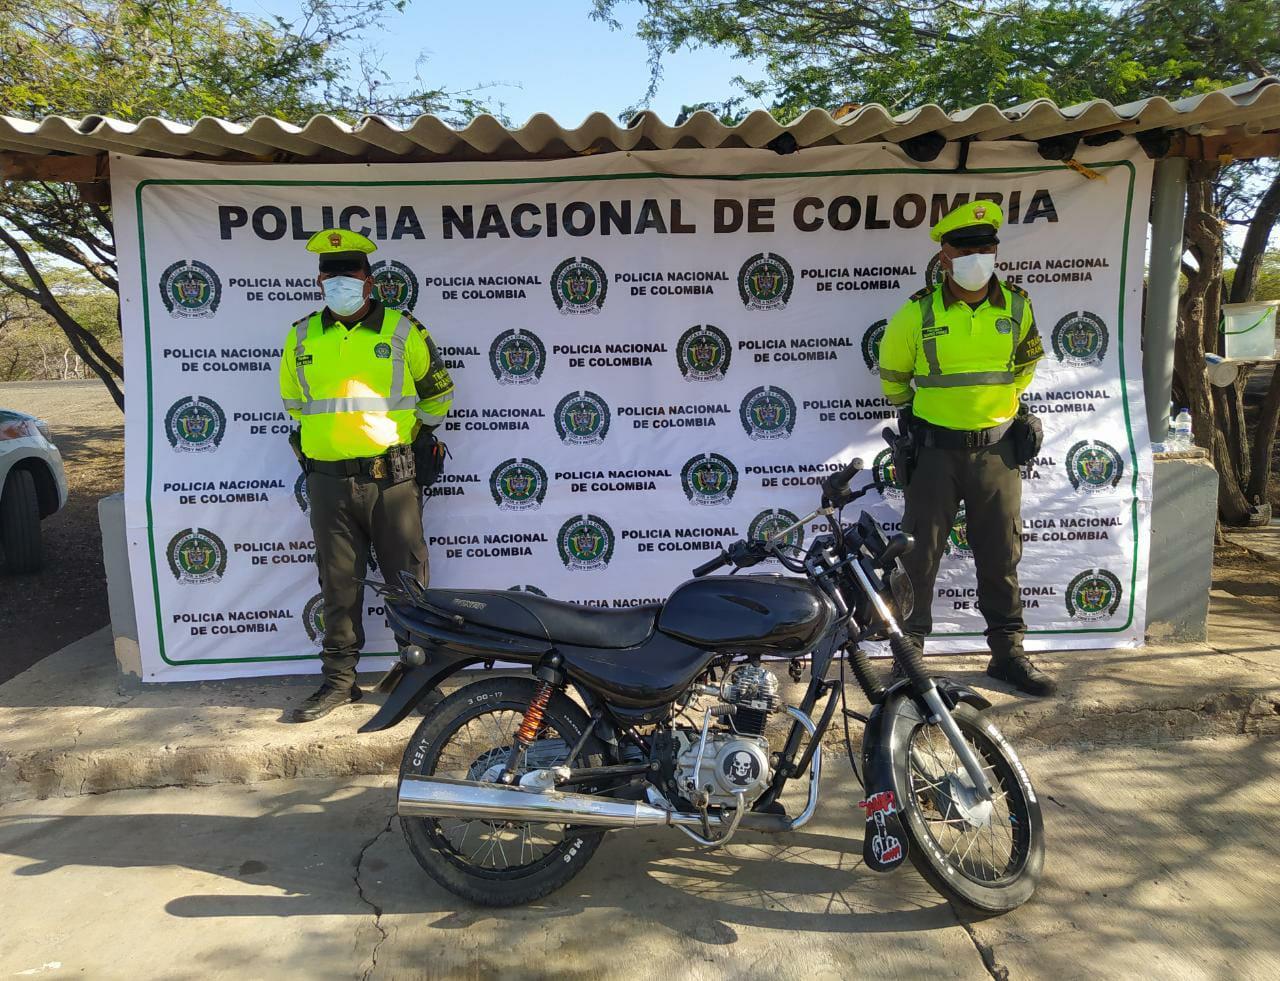 https://www.notasrosas.com/En La Guajira: Setra captura hombre que evadía Medida de Casa por Cárcel y realiza otros operativos